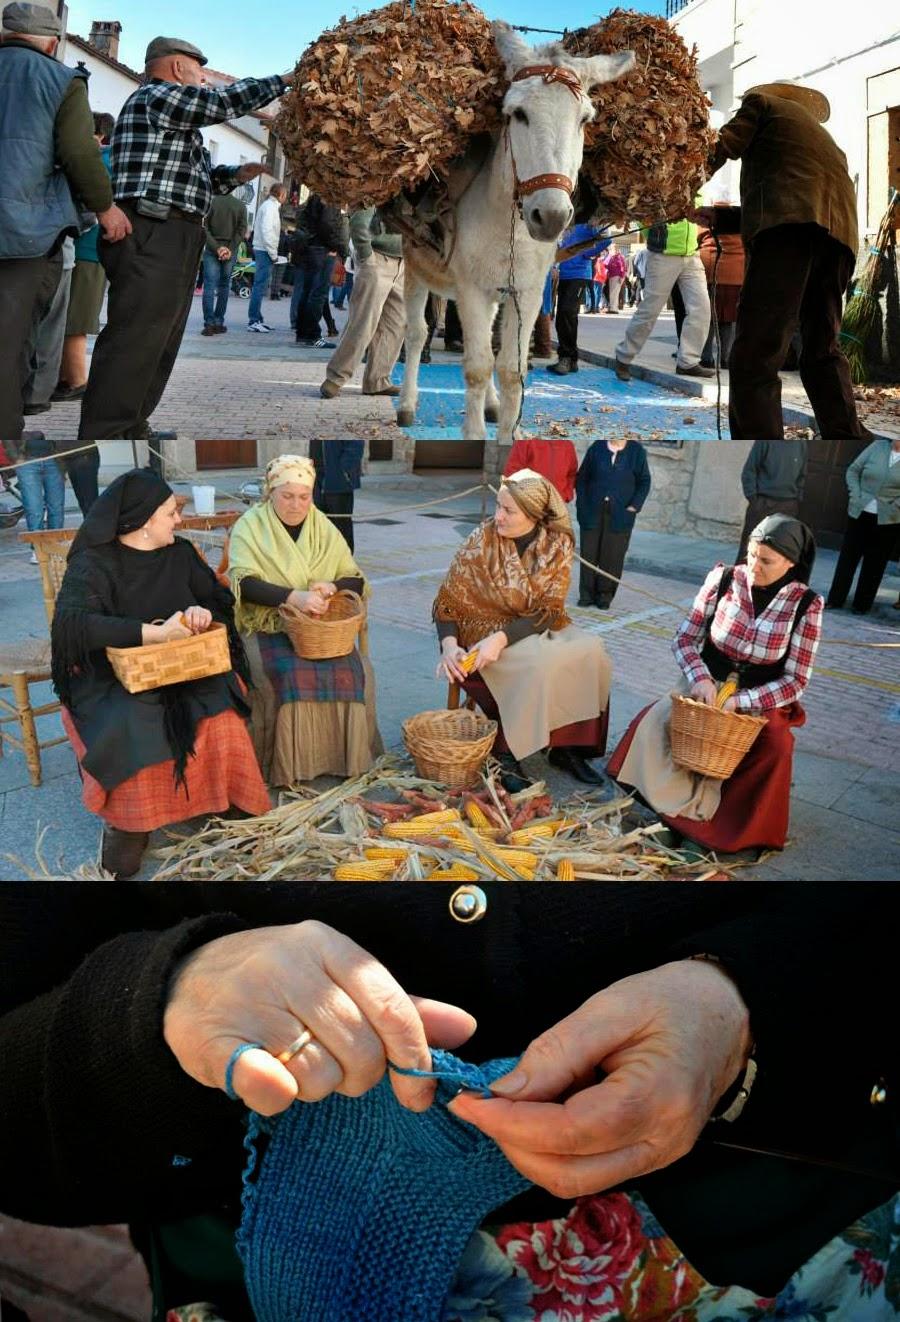 Estampa de Tradiciones (7 de diciembre en El Torno)